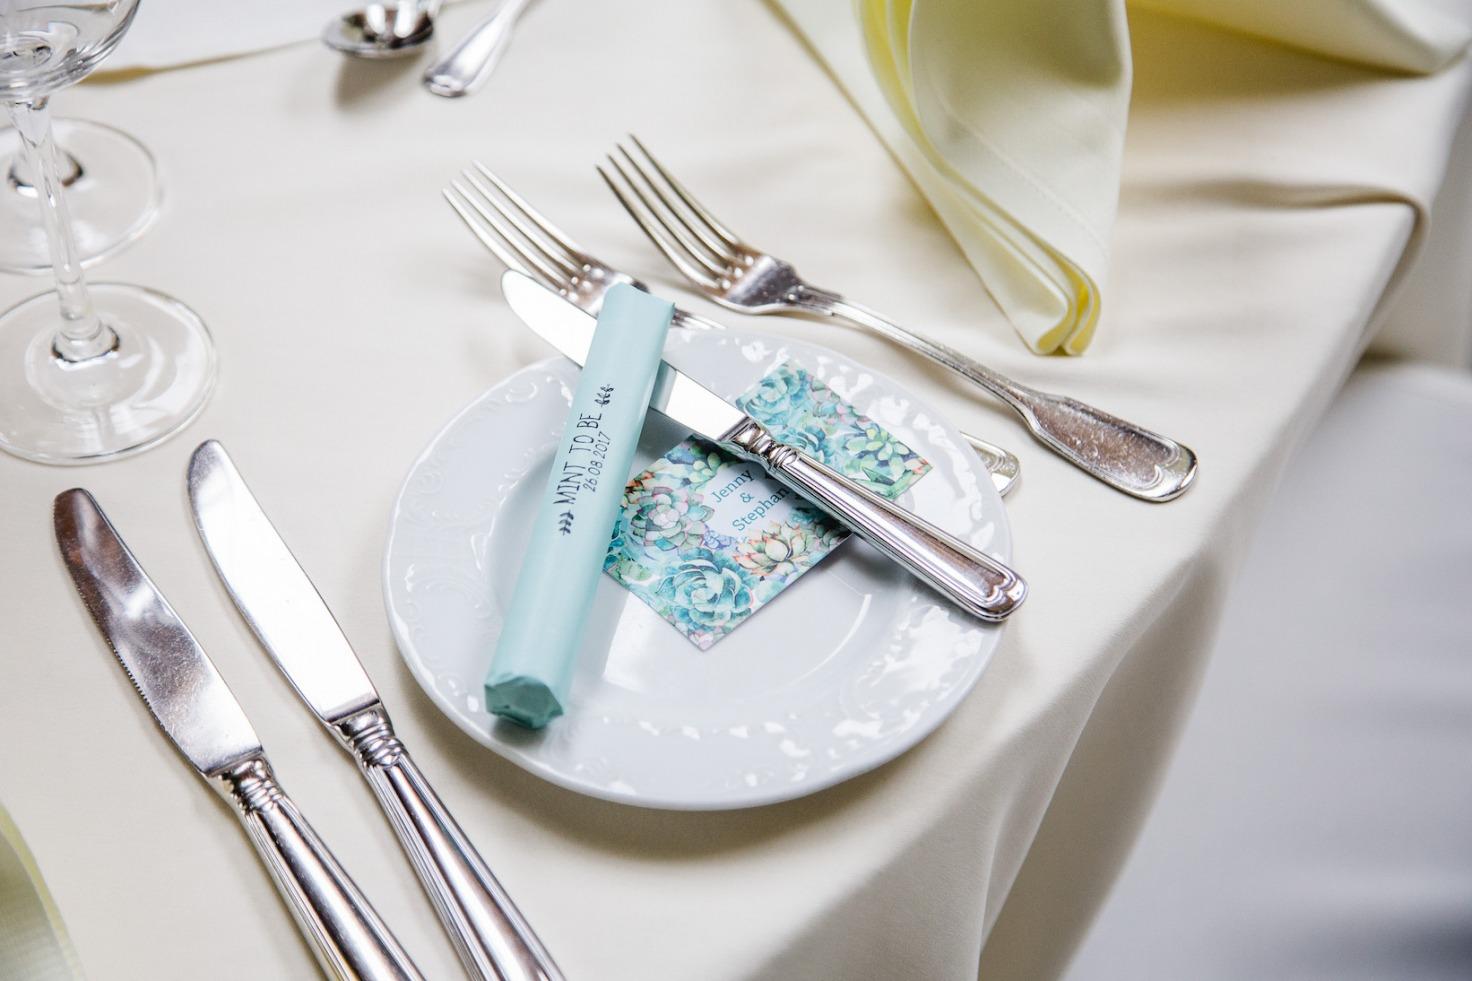 Hochzeit von Jennifer und Stefan in Münster: Gastgeschenk auf dem Teller